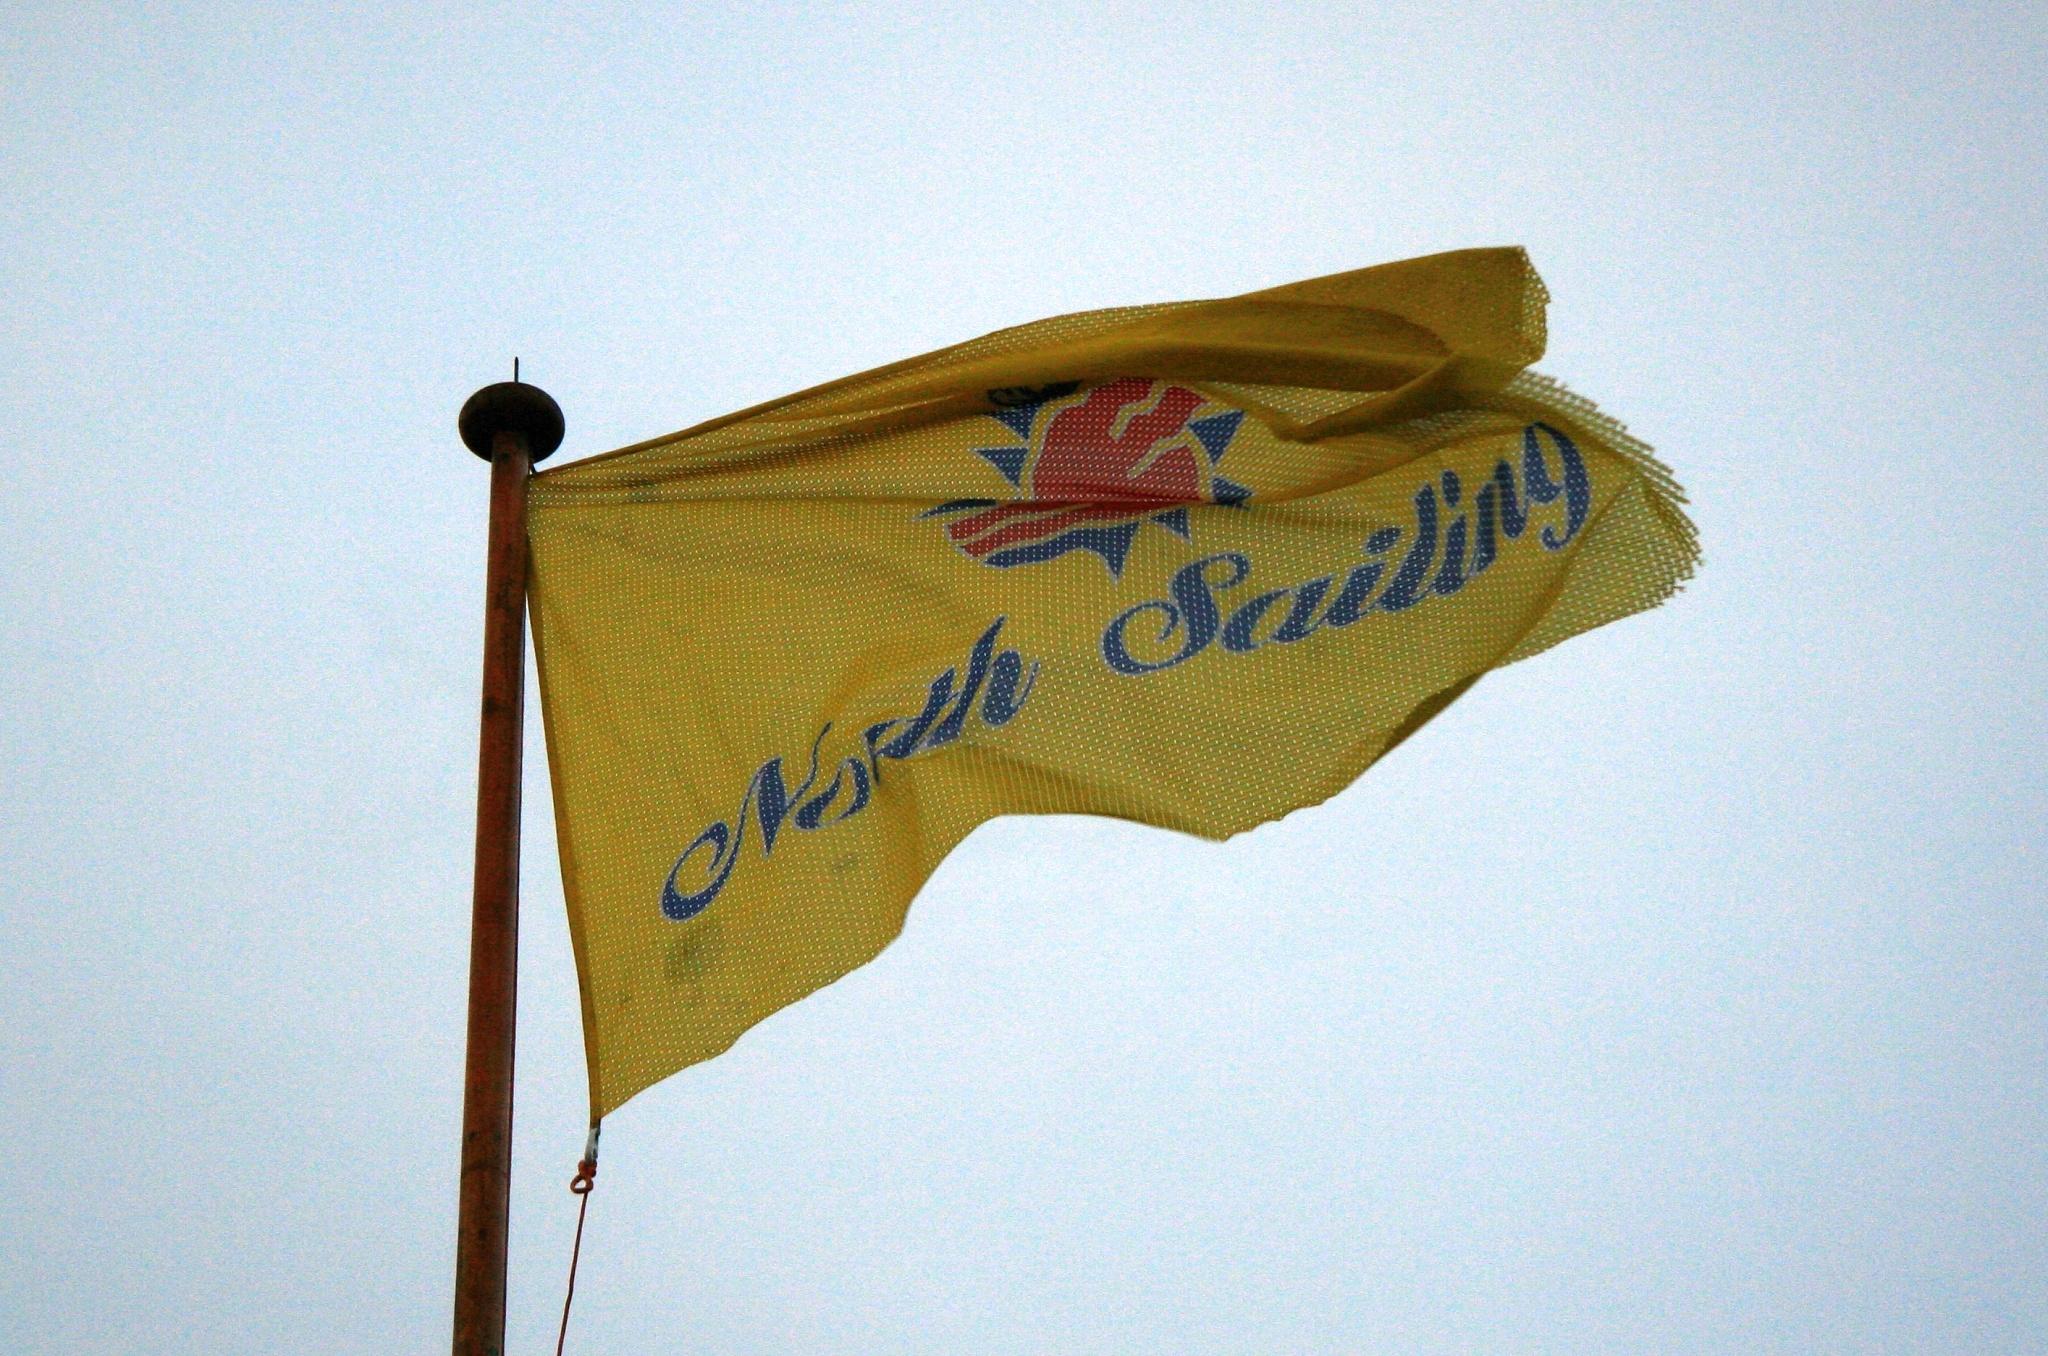 Žlutá vlajka North Sailing, se kterými jsme se plavili